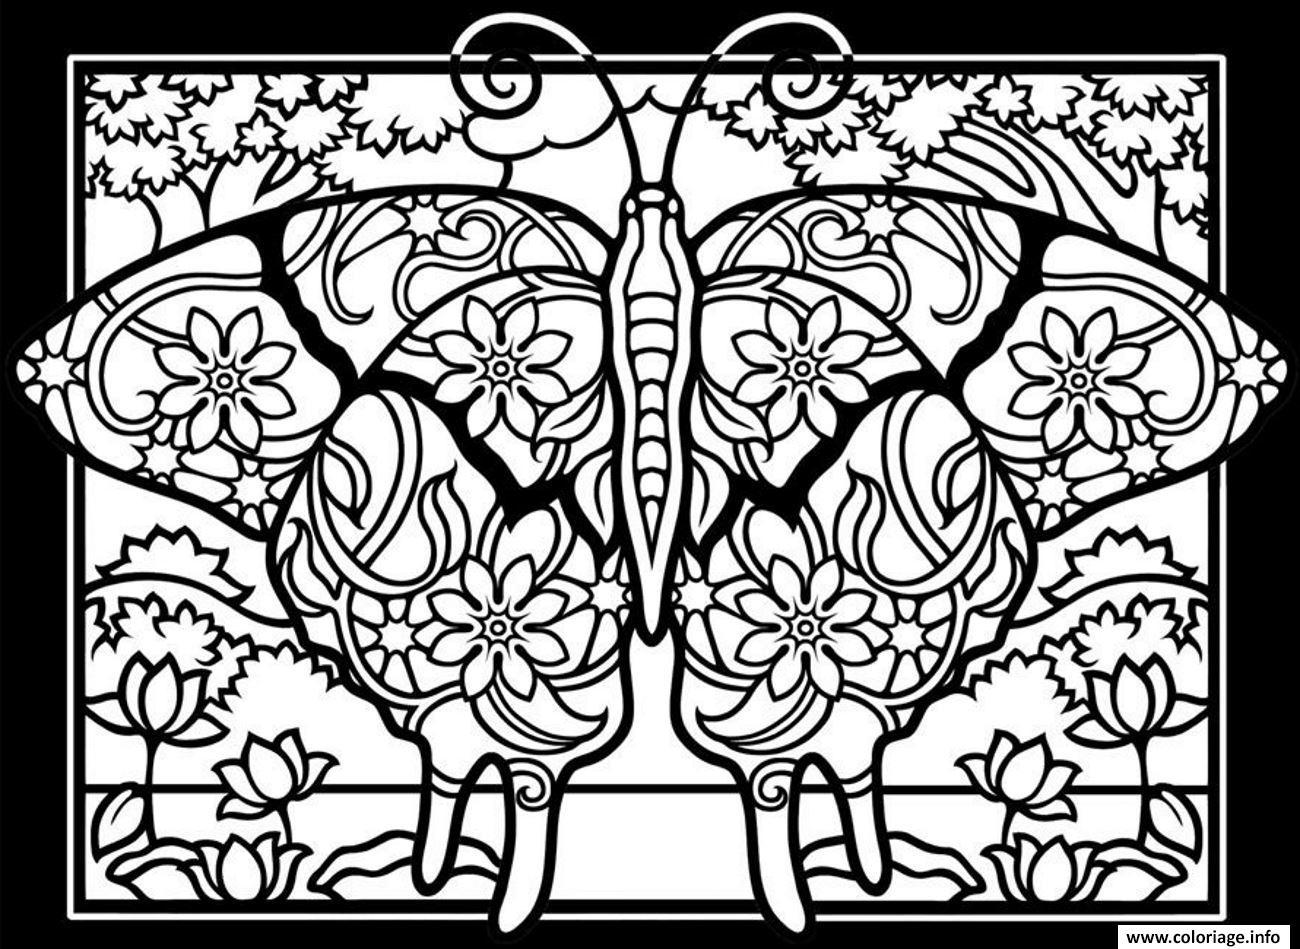 Coloriage Adulte Fond Noir.Coloriage Adulte Difficile Papillon Fond Noir Jecolorie Com